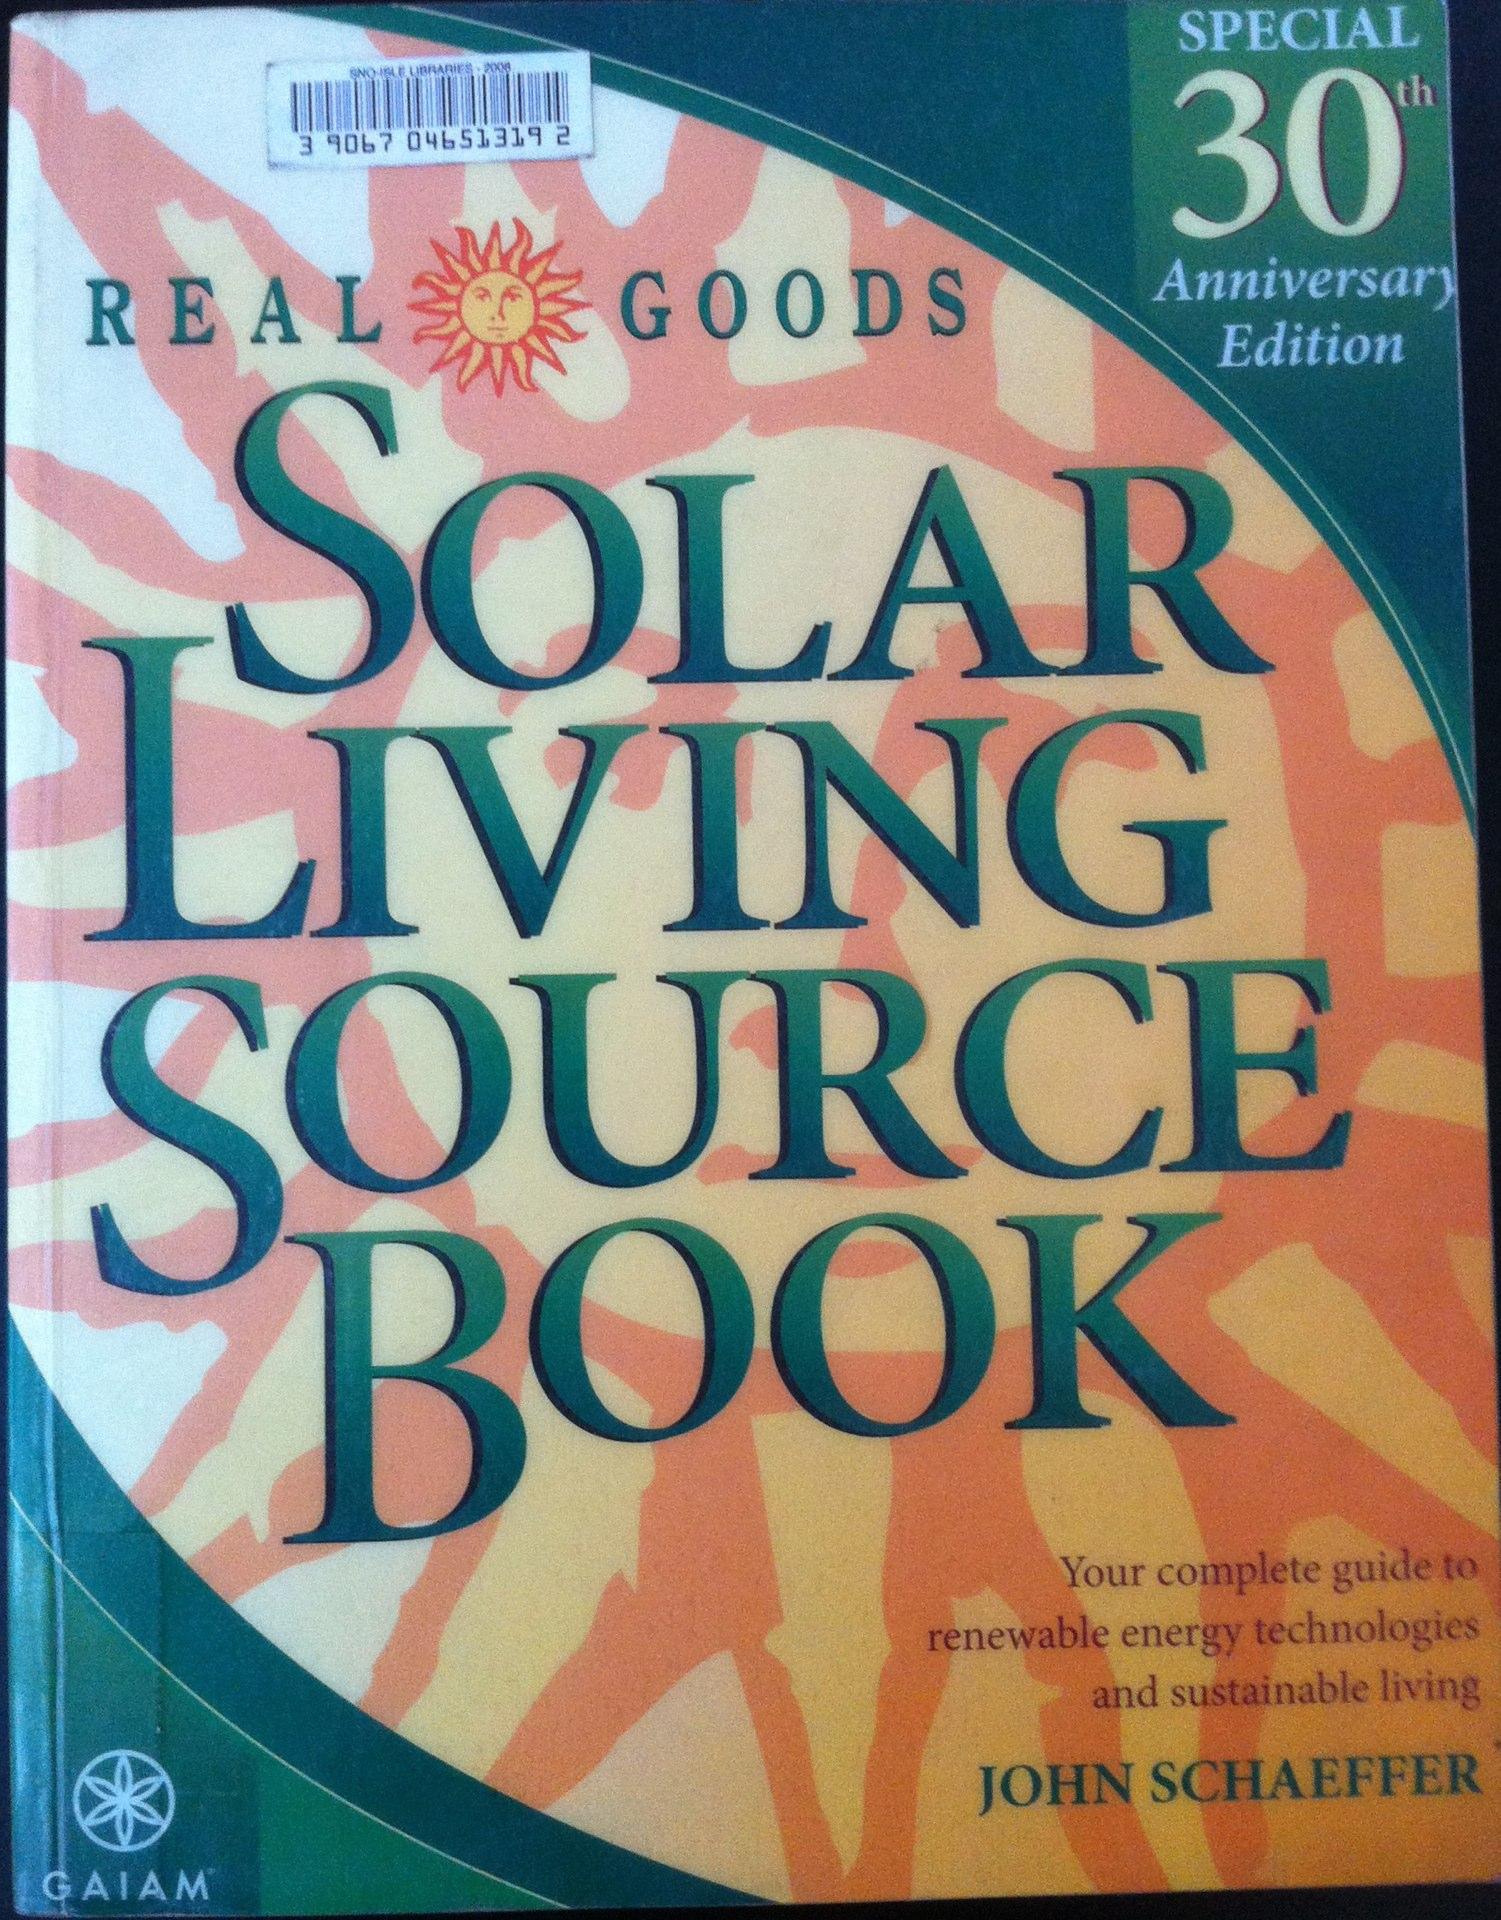 Real Goods   Solar Living Source Book   John Schaeffer